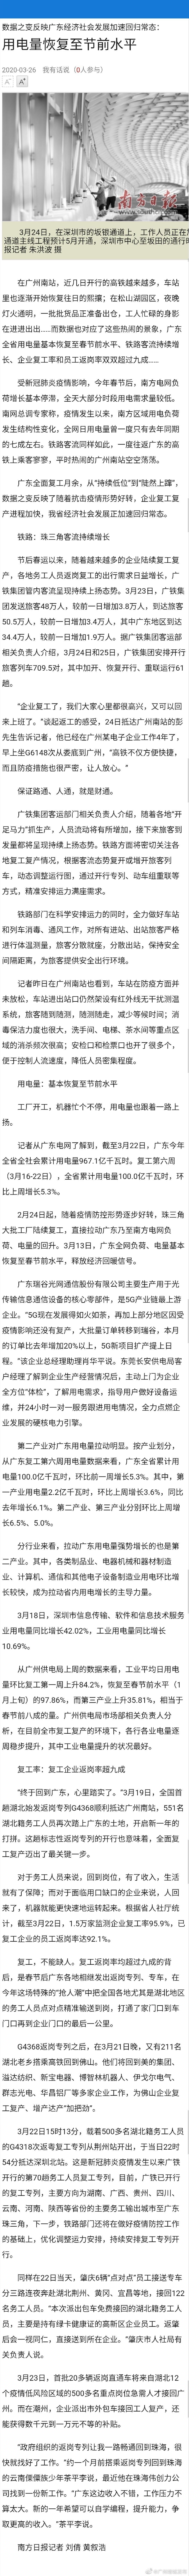 数据之变反映广东经济社会发展加速回归常态: 用电量恢复至节前水平